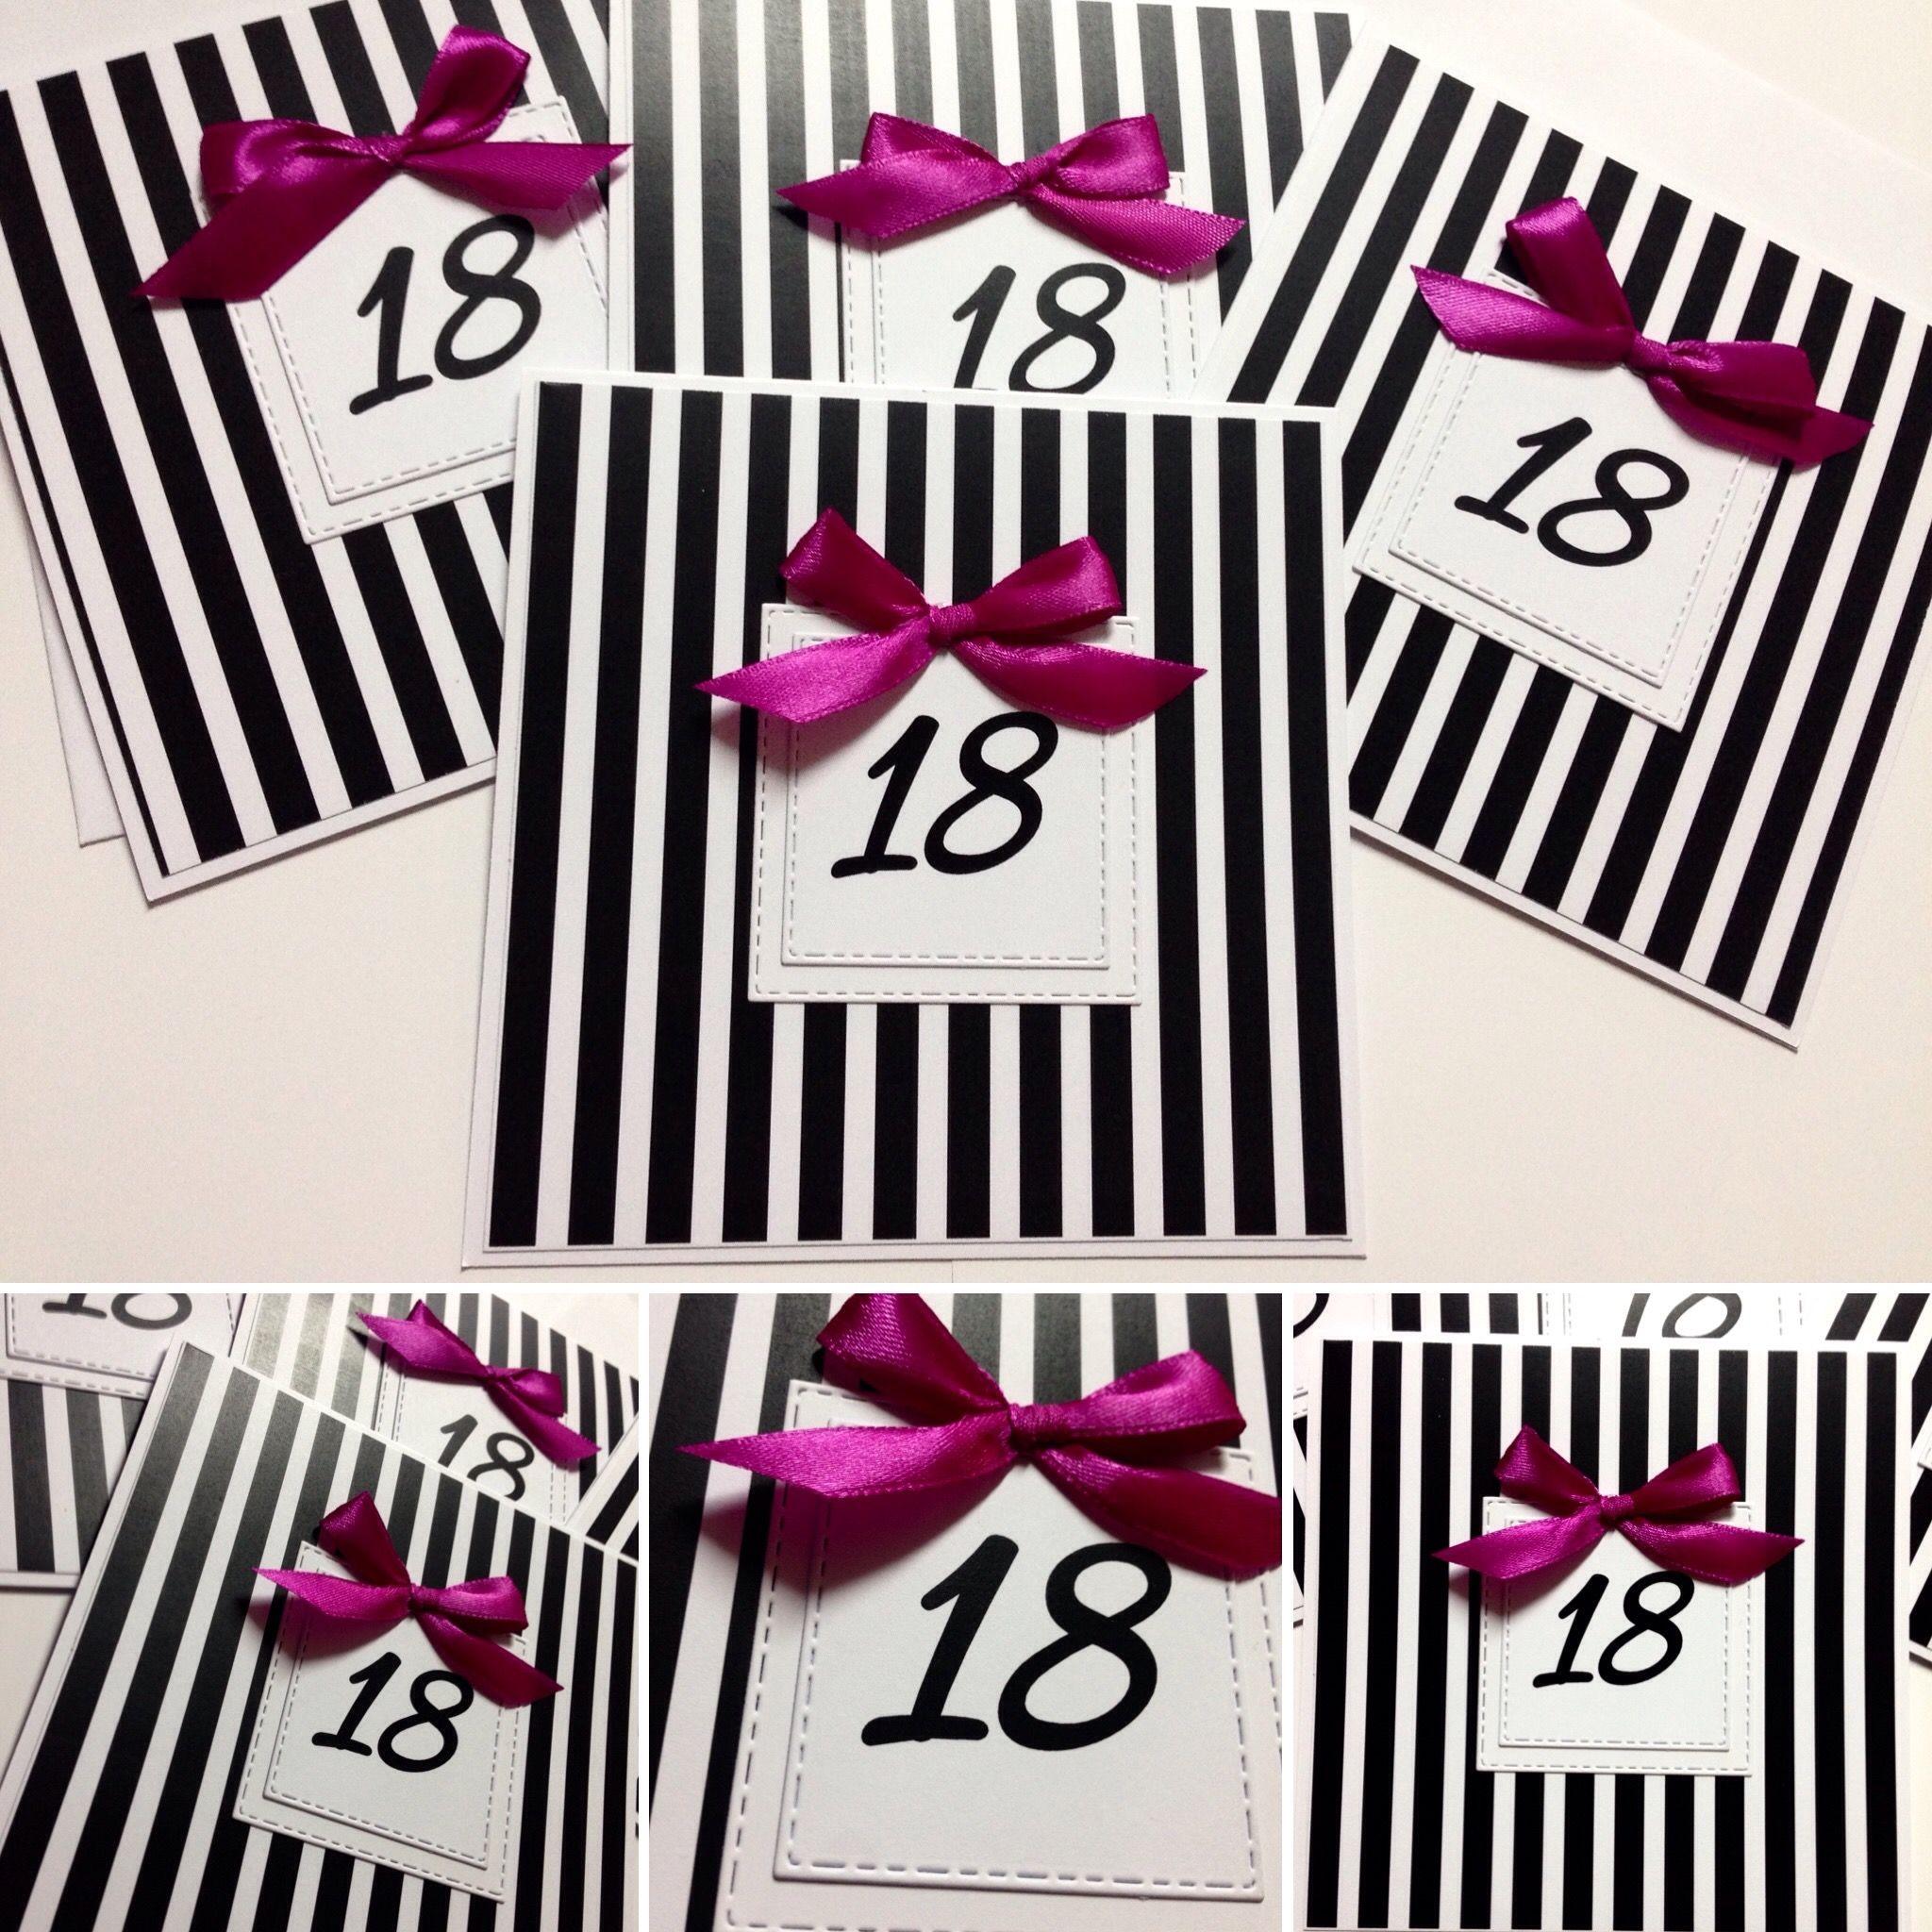 Zaproszenia 18 Urodziny Zaproszenia Pinterest